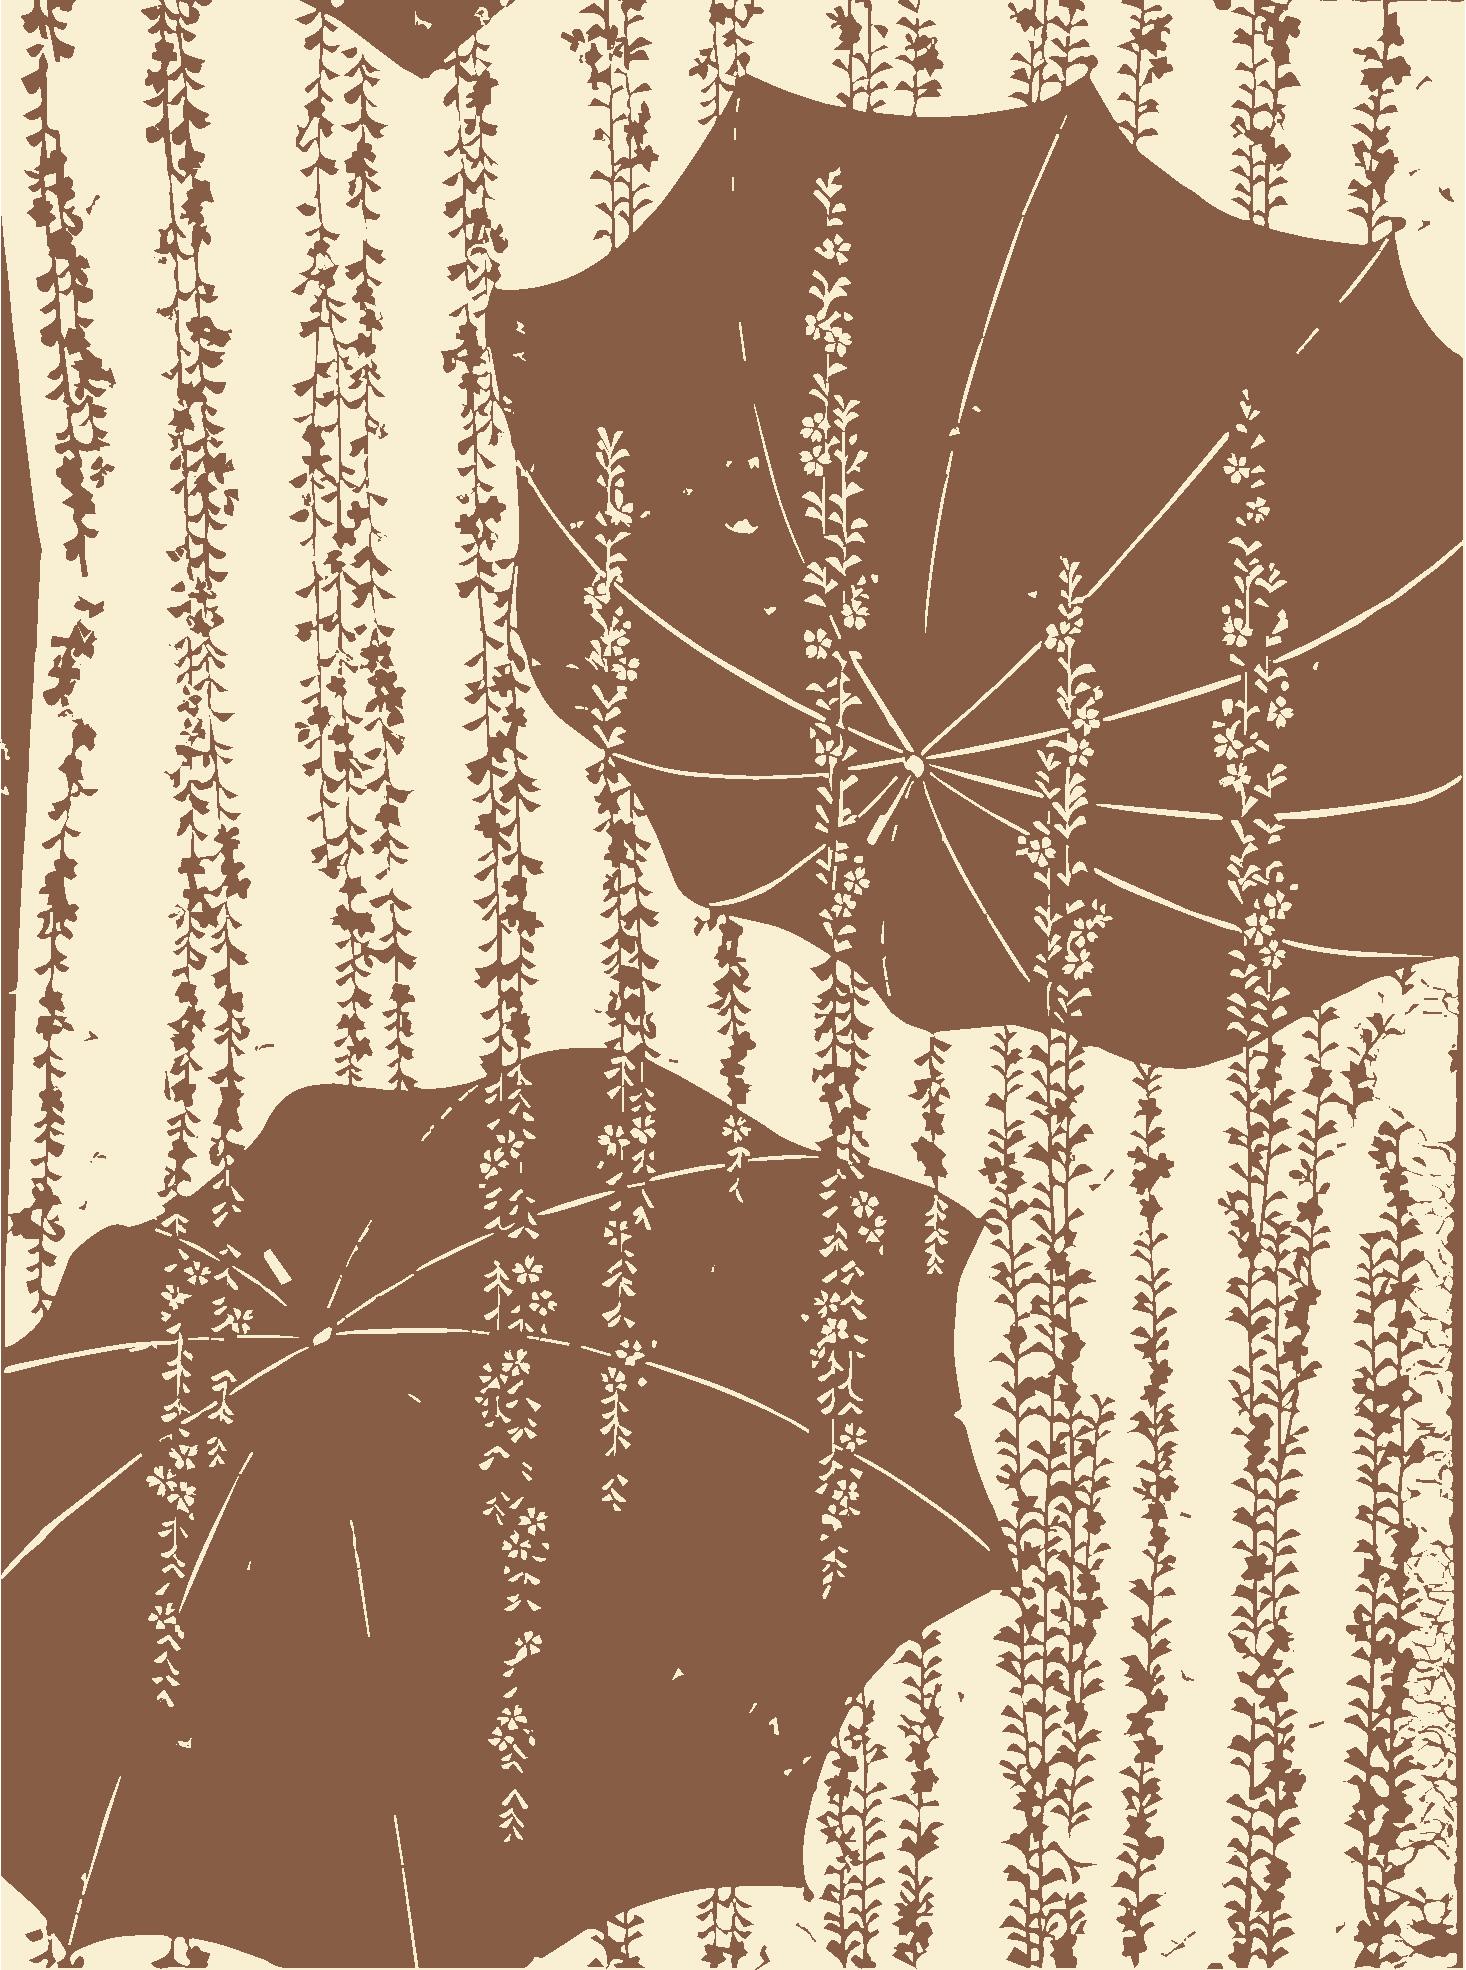 Motifs décoratifs tirés des pochoirs japonais par Th. Lambert - Parapluies et plantes fleuries retombantes (Collection Vever)